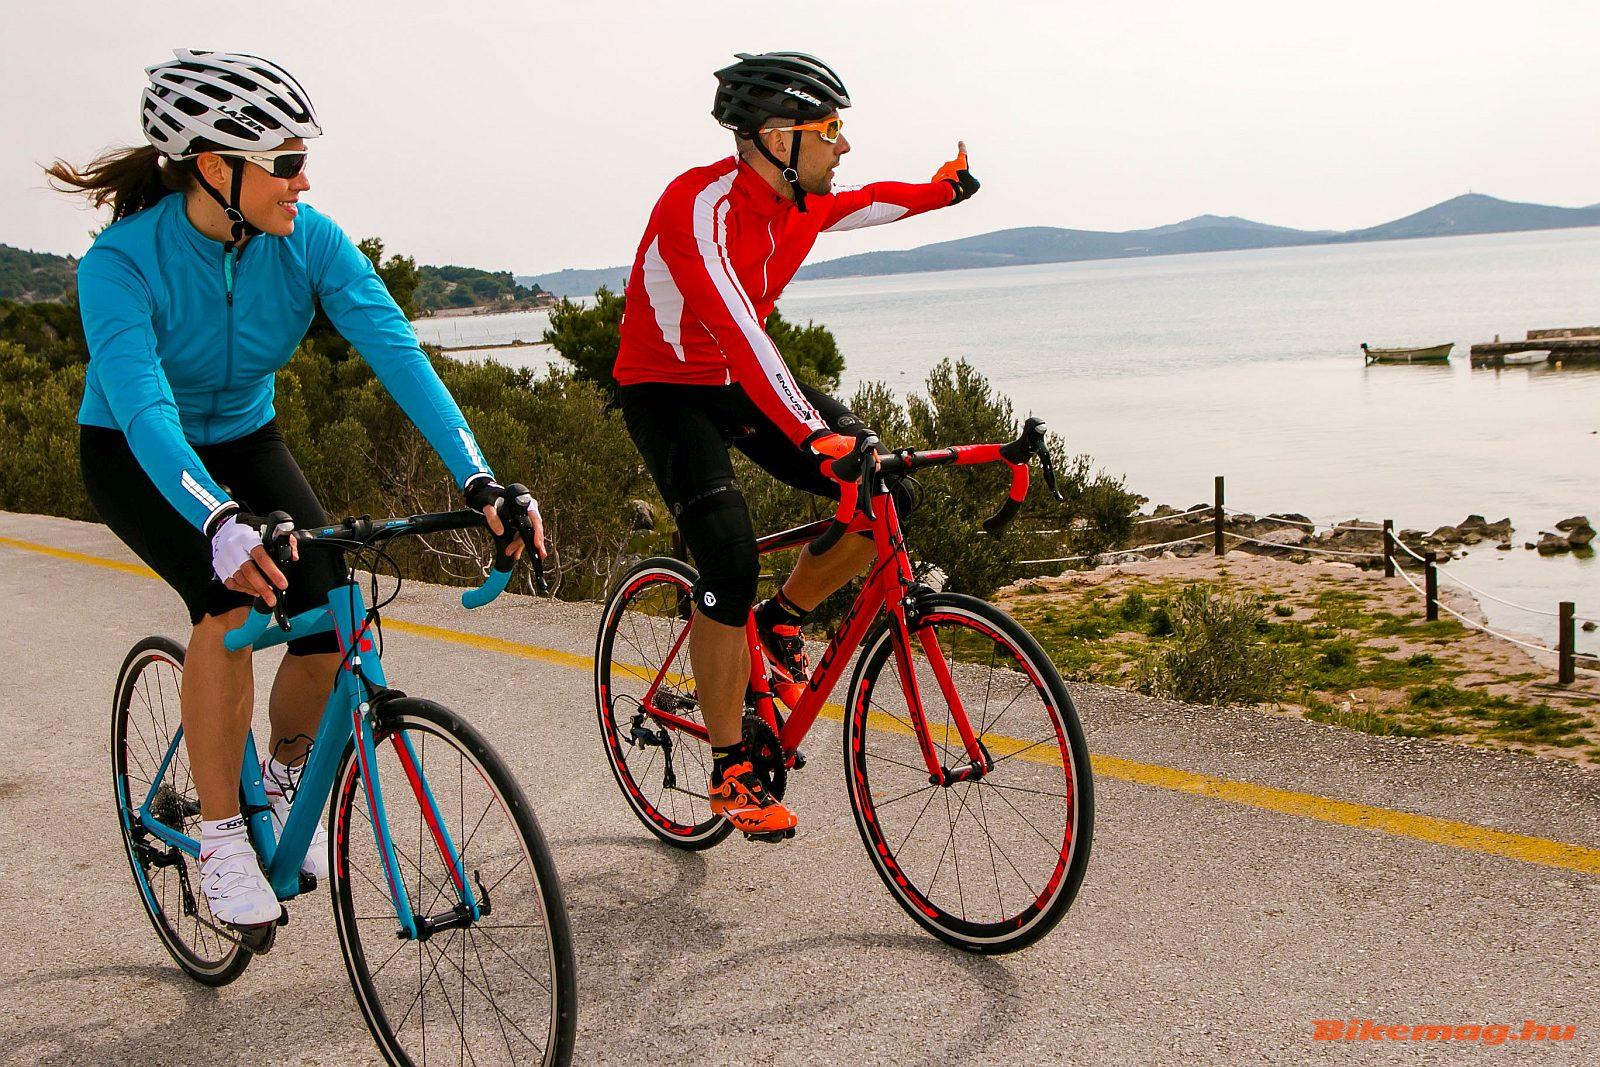 Komfort országúti kerékpárok: egyszerűen csak kikapcsolódásra